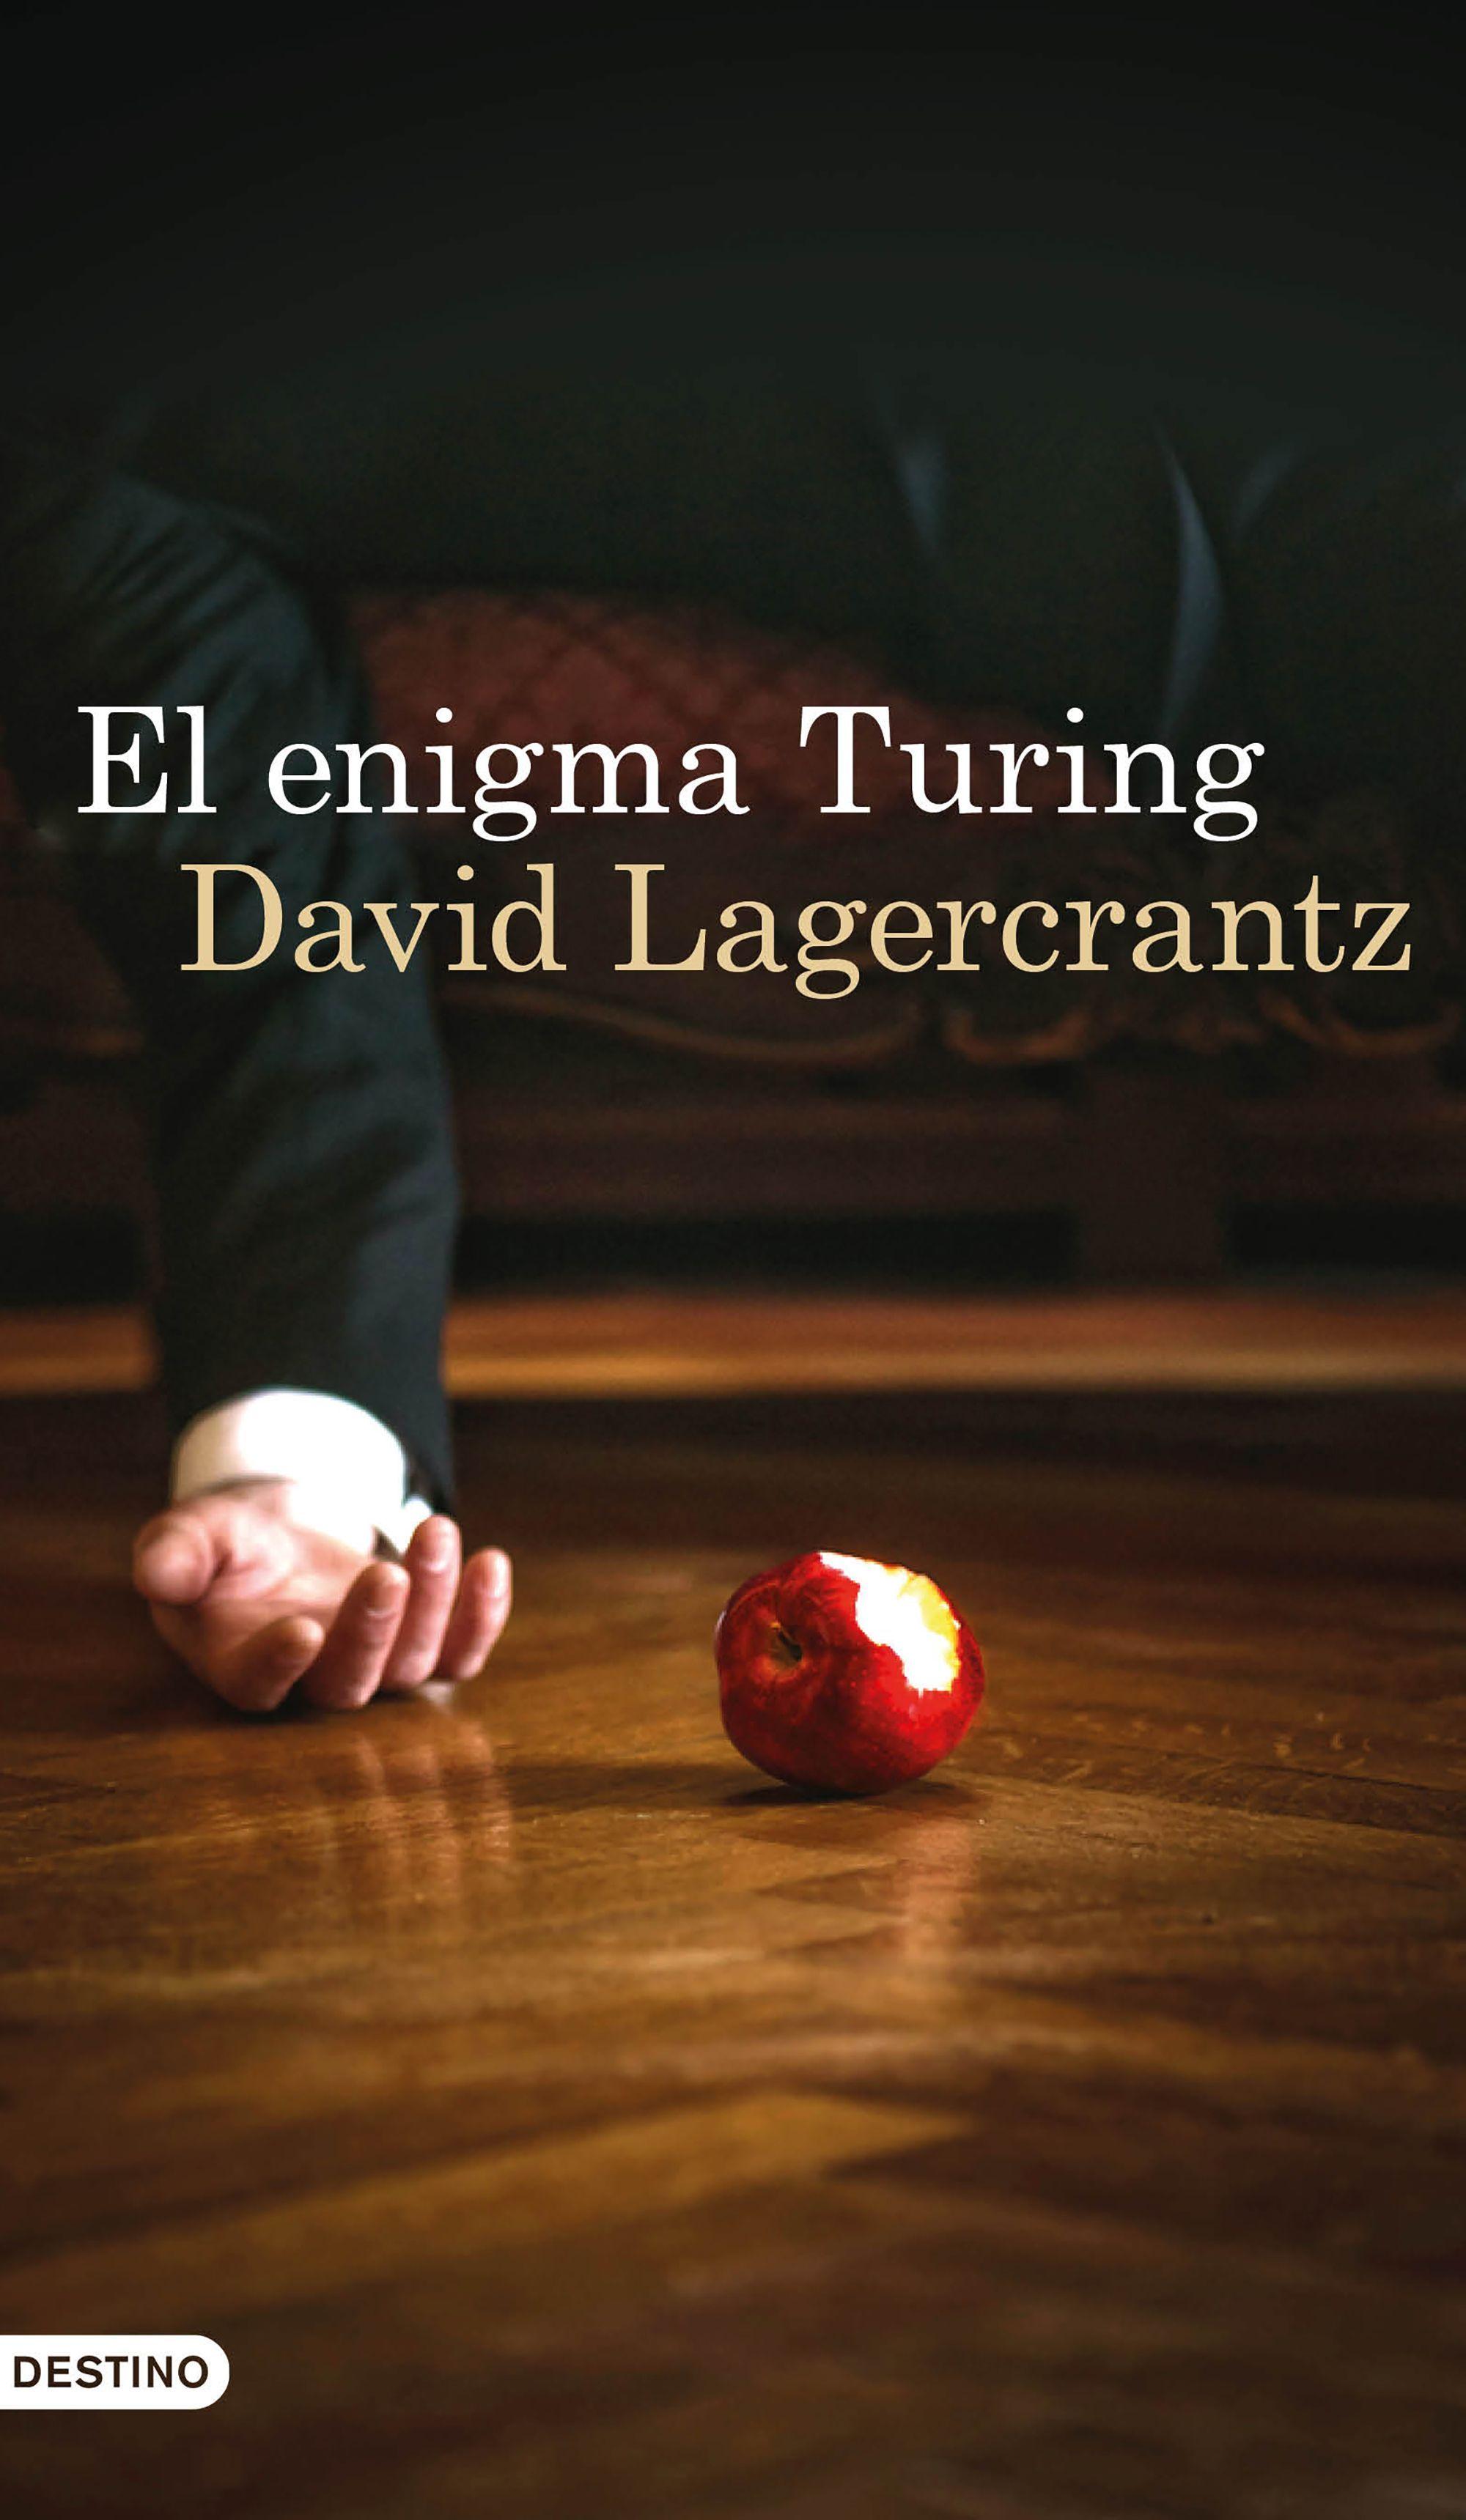 El Enigma Turing De David Lagercrantz Un Emocionante Thriller De Espías Alan Turing Enigmas Novela Historica